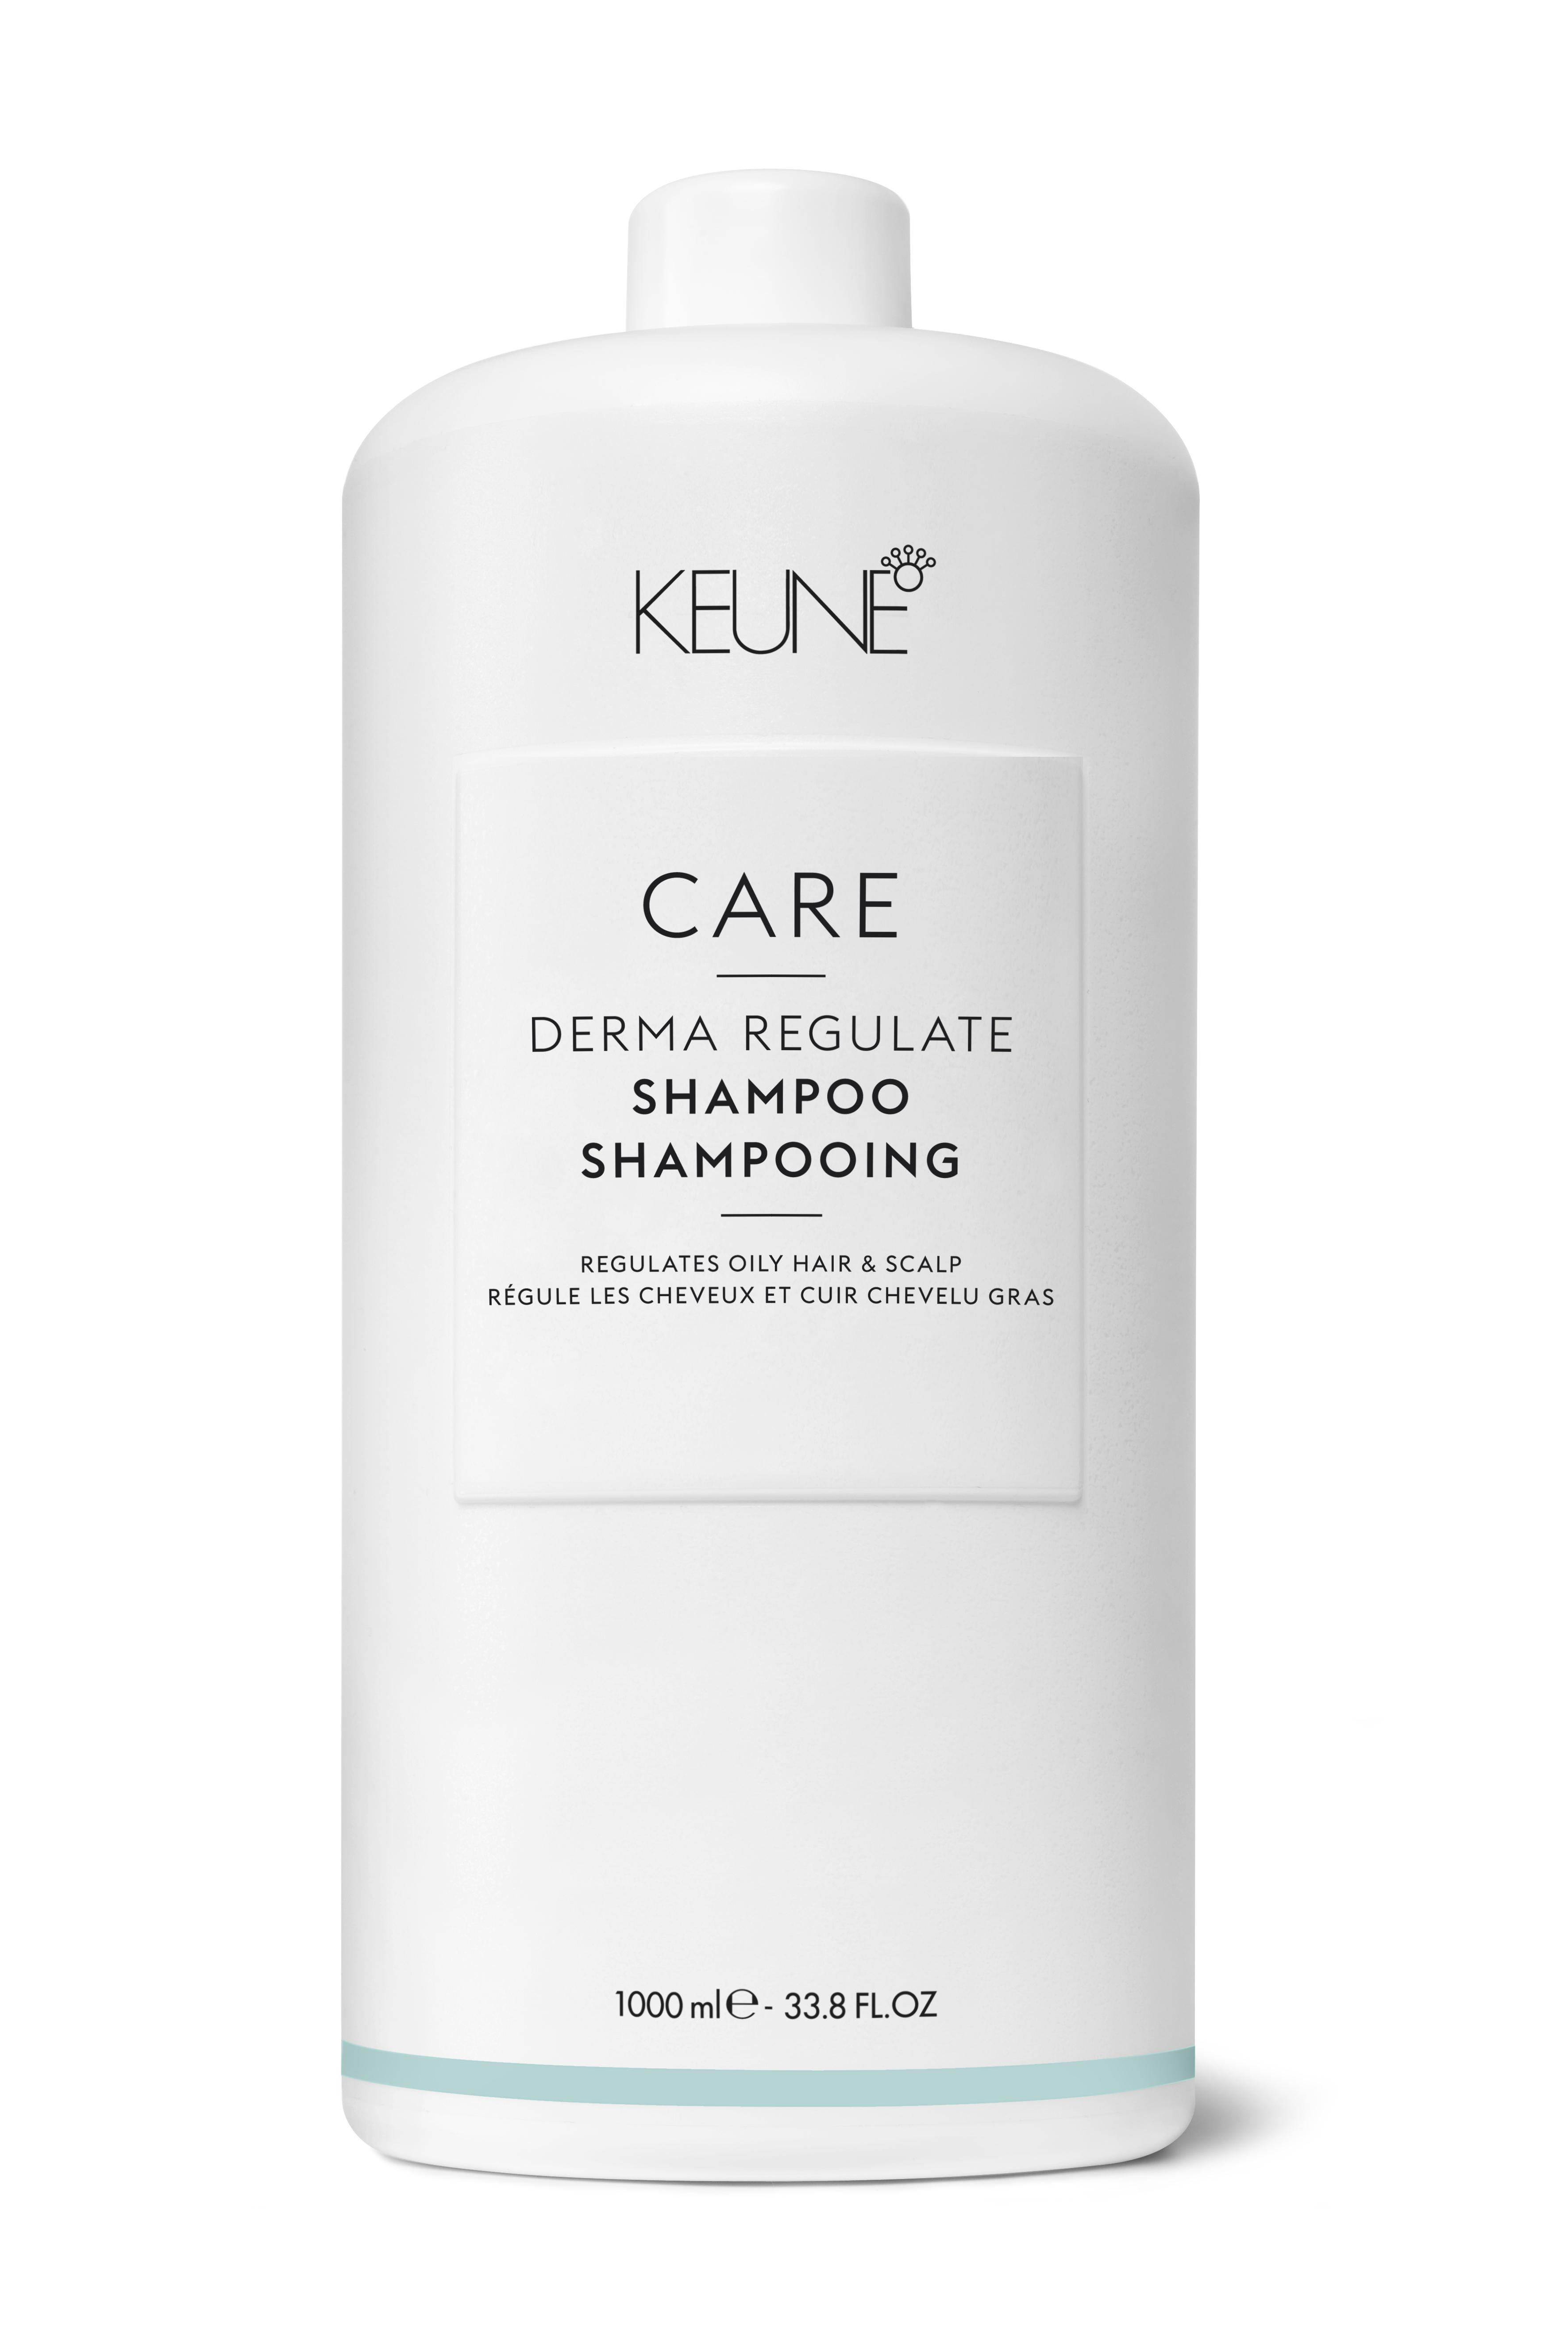 KEUNE Шампунь себорегулирующий / CARE Derma Regulate Shampoo 1000мл keune кондиционер восстановление keune repair conditioner